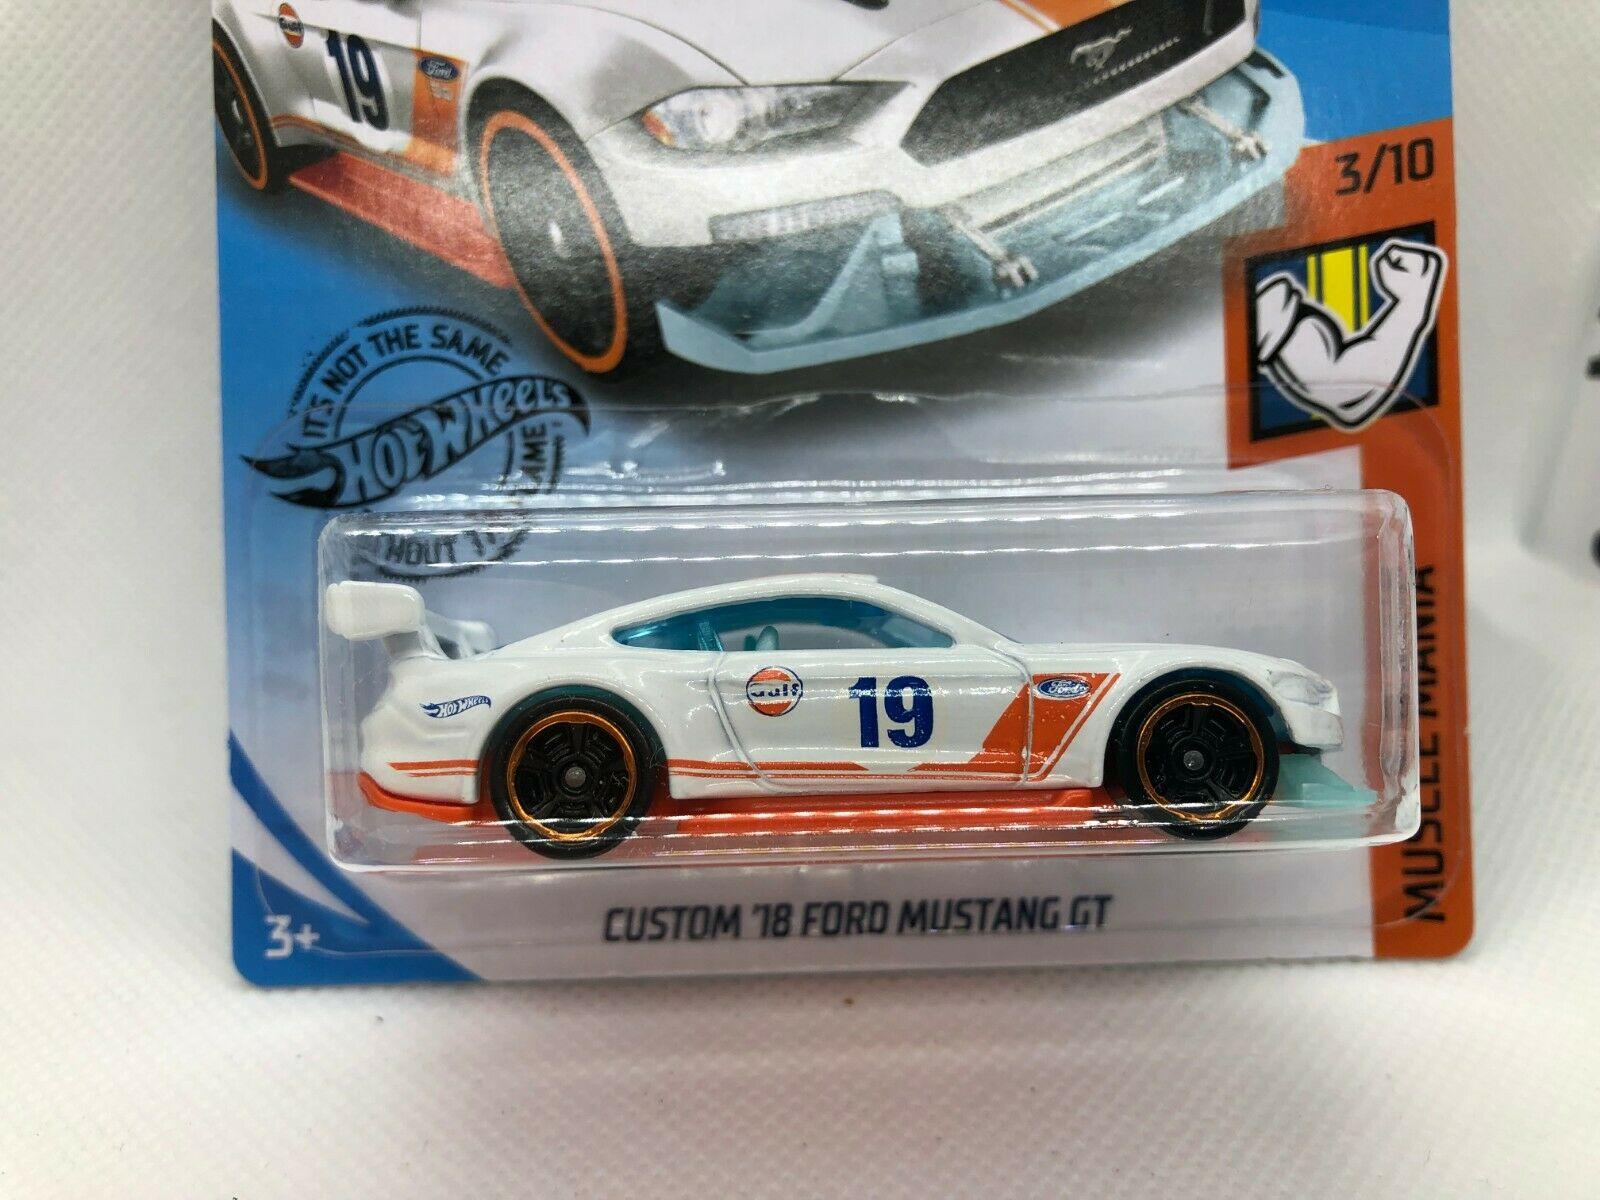 Custom 18 Ford Mustang GT